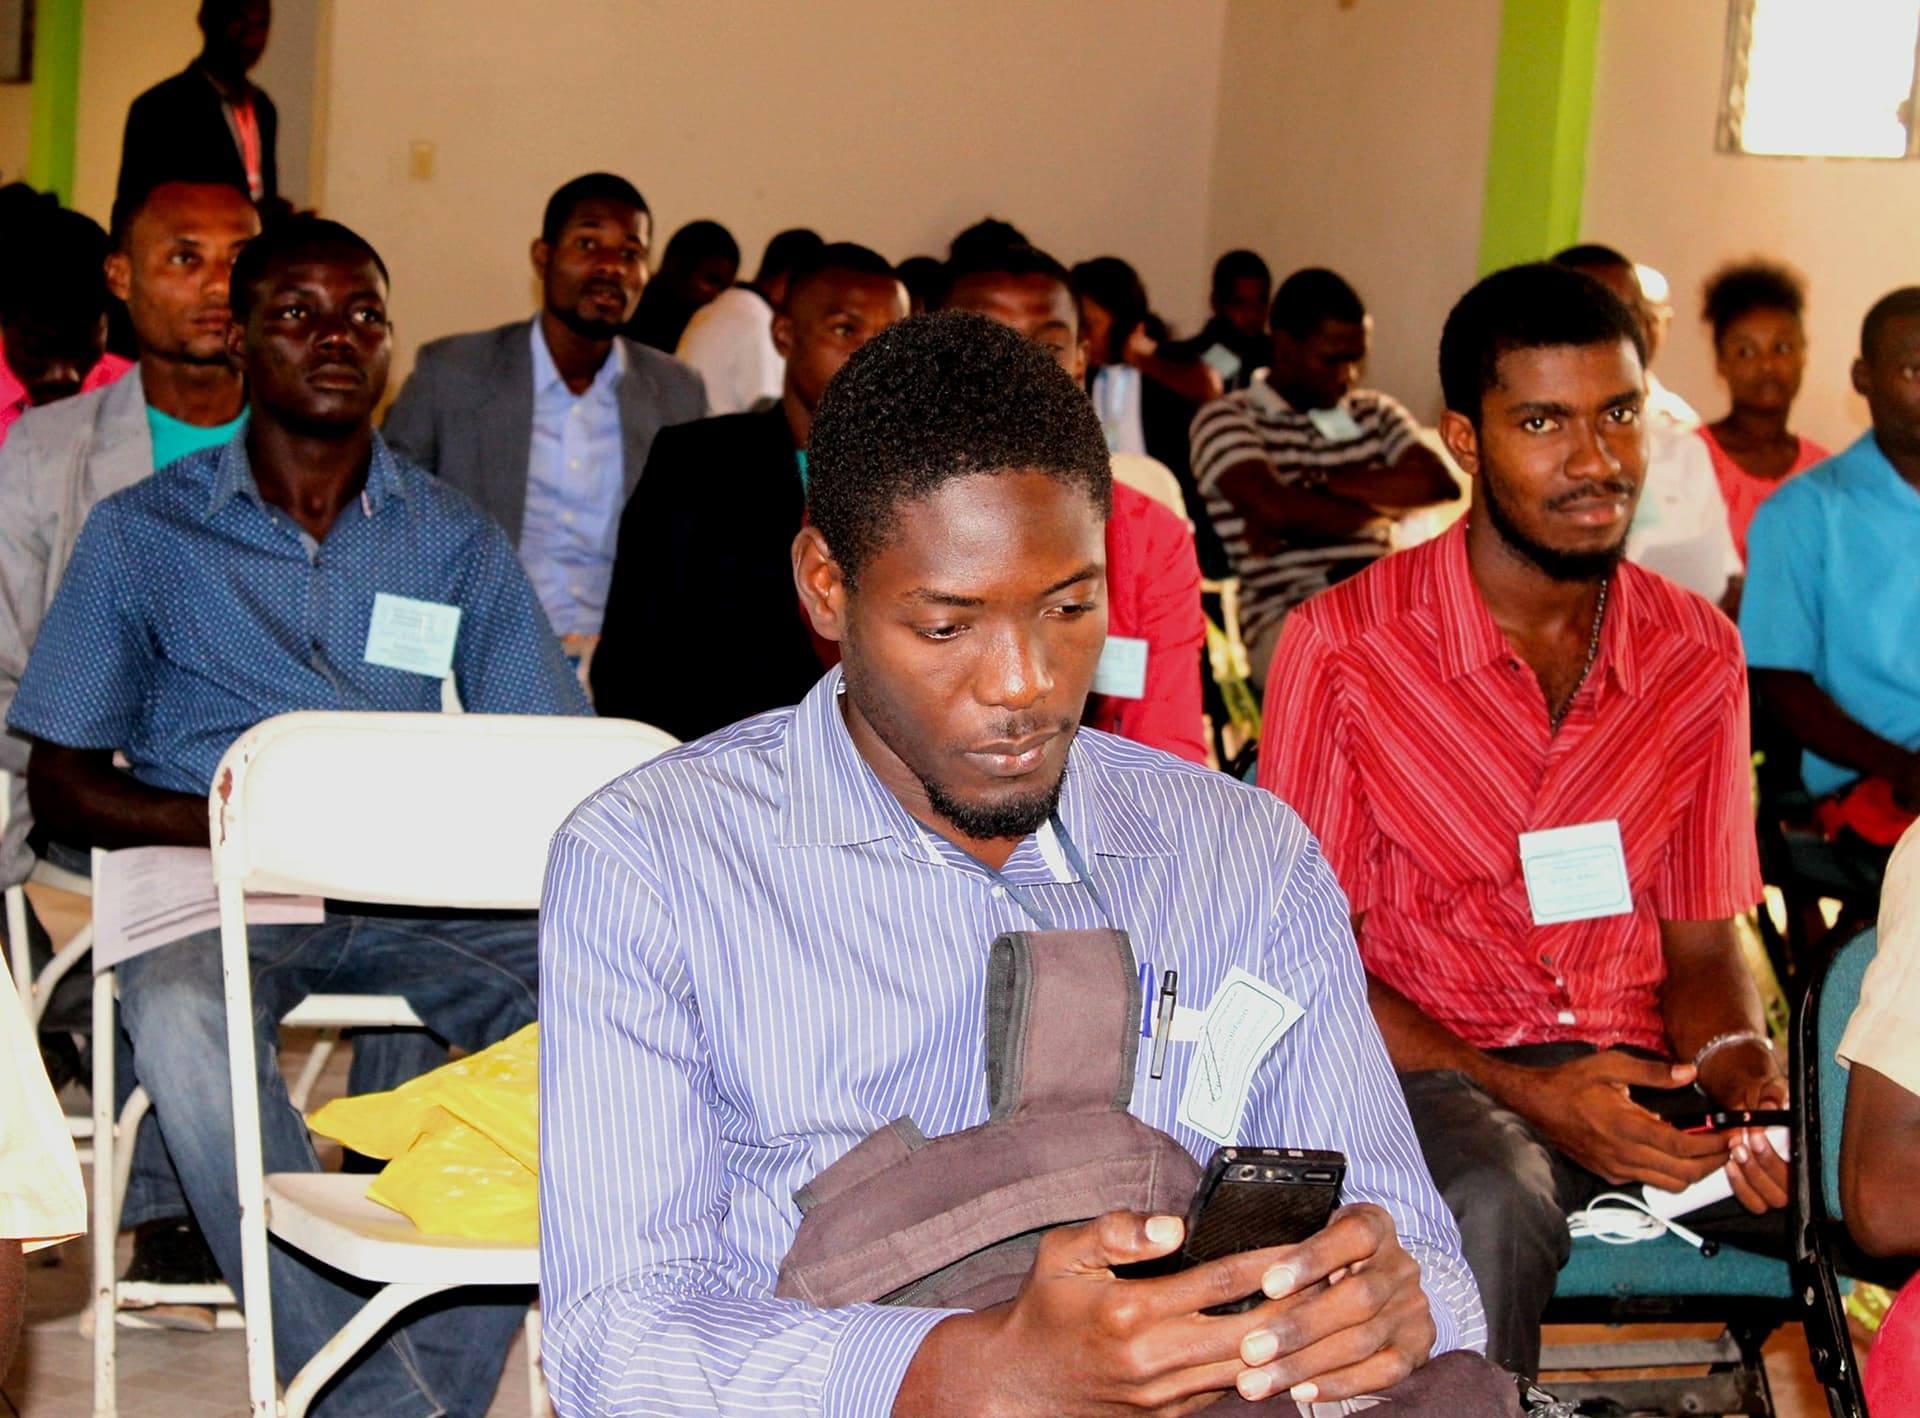 CITE certifie plus de 150 jeunes entrepreneurs à Port-au-Prince